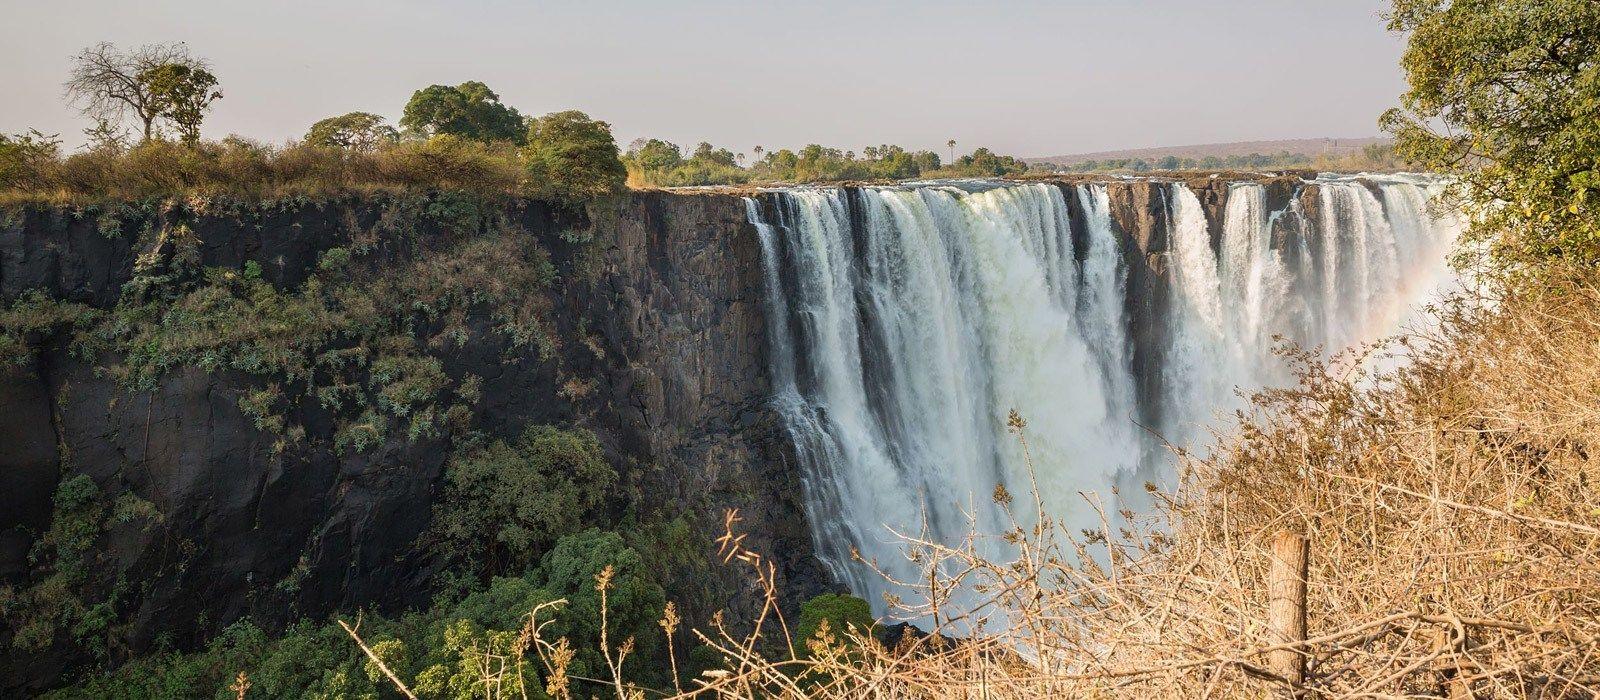 Große Rundreise im südlichen Afrika Urlaub 6